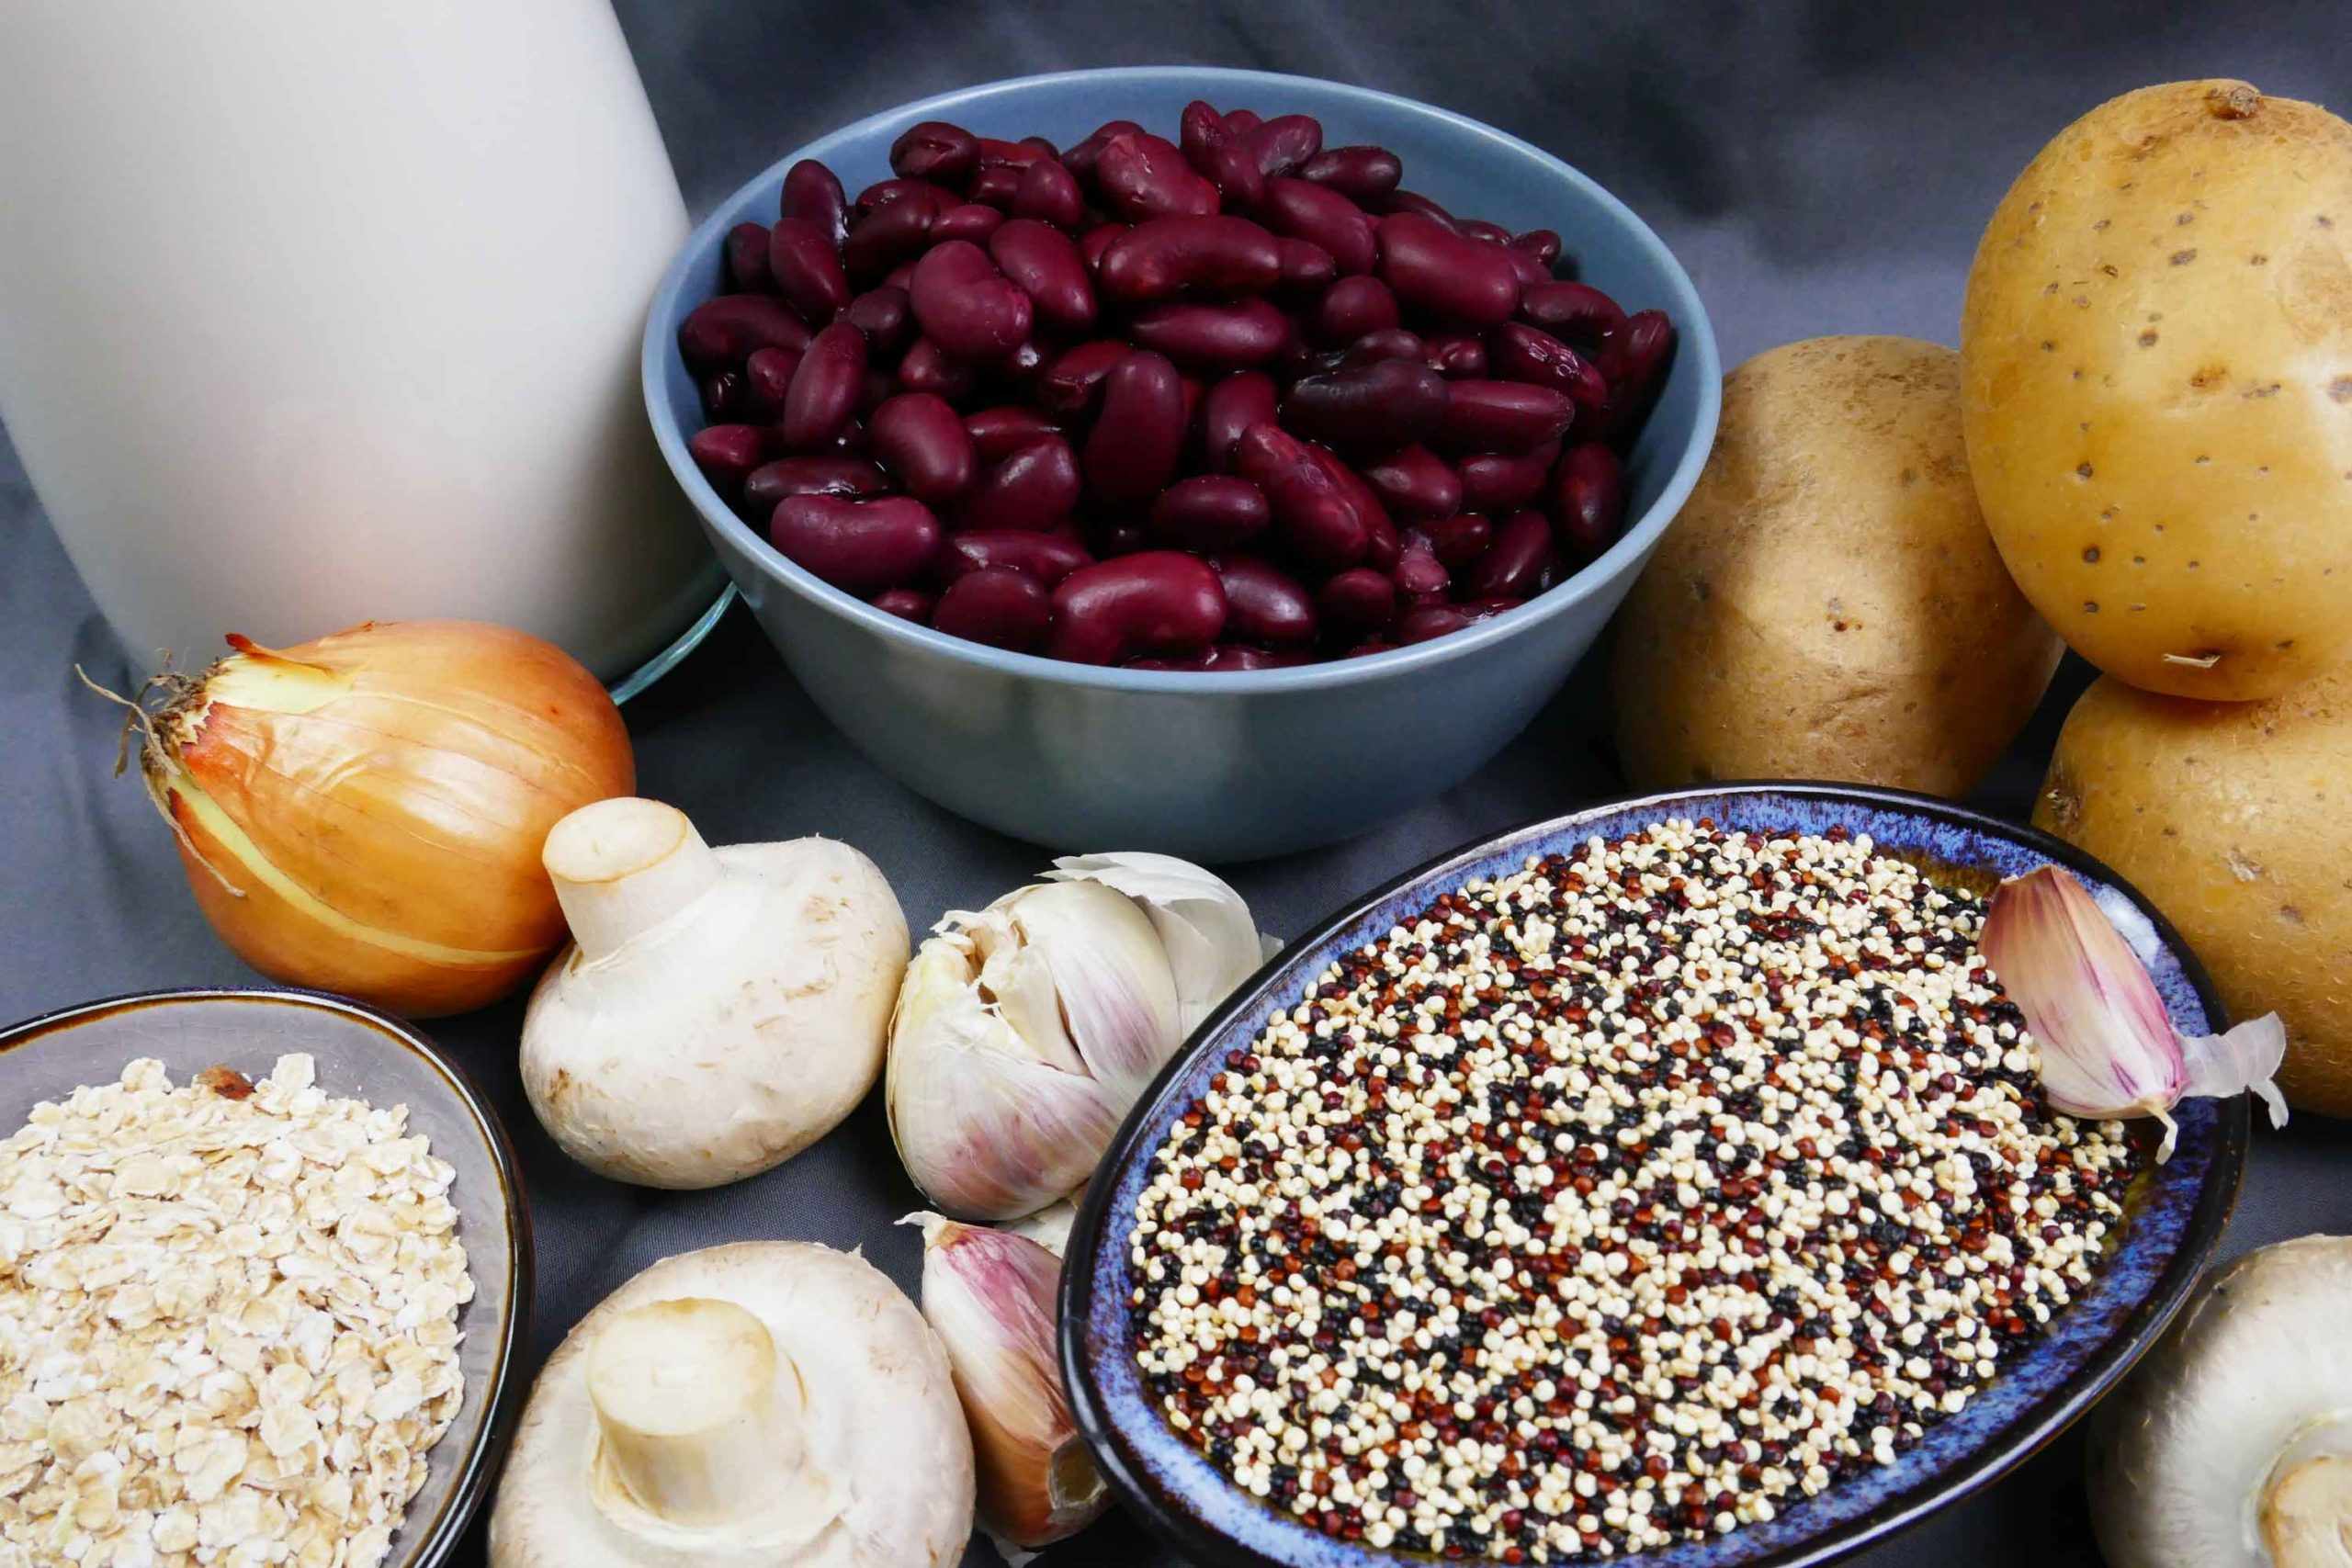 Zutaten veganer Quinoabraten, rote Kidneybohnen, Quinoa, Champignons, Zwiebel, Knoblauch